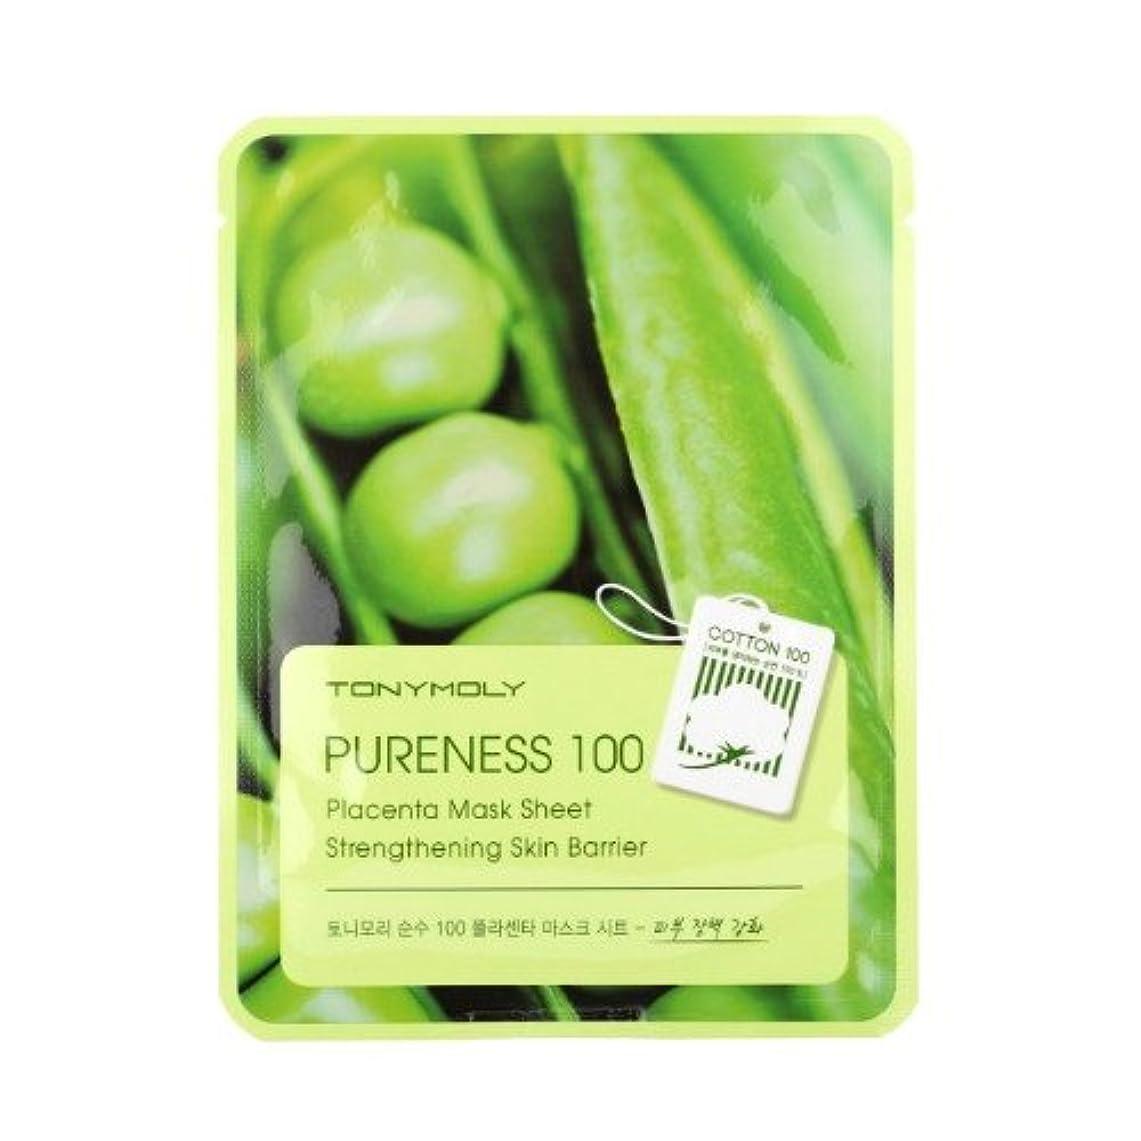 法王結紮広範囲に(3 Pack) TONYMOLY Pureness 100 Placenta Mask Sheet Strengthening Skin Barrier (並行輸入品)